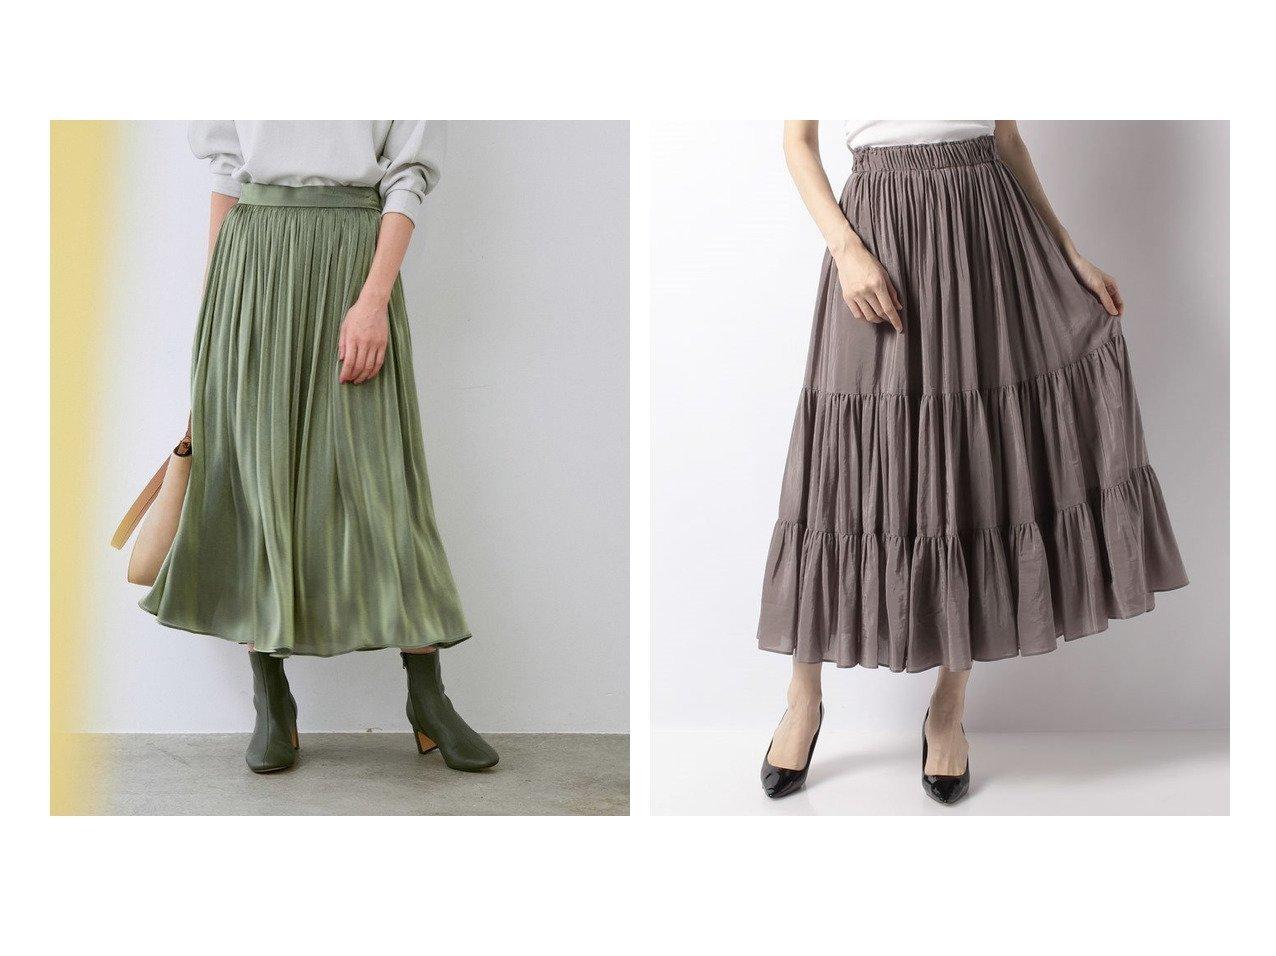 【ANAYI/アナイ】のライトローンティアードスカート&【ROPE'/ロペ】の【21AW】グロッシー楊柳ギャザースカート 【スカート】おすすめ!人気、トレンド・レディースファッションの通販   おすすめで人気の流行・トレンド、ファッションの通販商品 インテリア・家具・メンズファッション・キッズファッション・レディースファッション・服の通販 founy(ファニー) https://founy.com/ ファッション Fashion レディースファッション WOMEN スカート Skirt Aライン/フレアスカート Flared A-Line Skirts ティアードスカート Tiered Skirts 秋 Autumn/Fall ギャザー サテン シンプル トレンド 人気 フラット フレア ポケット A/W・秋冬 AW・Autumn/Winter・FW・Fall-Winter 2021年 2021 再入荷 Restock/Back in Stock/Re Arrival 2021-2022秋冬・A/W AW・Autumn/Winter・FW・Fall-Winter・2021-2022 NEW・新作・新着・新入荷 New Arrivals おすすめ Recommend  ID:crp329100000065916